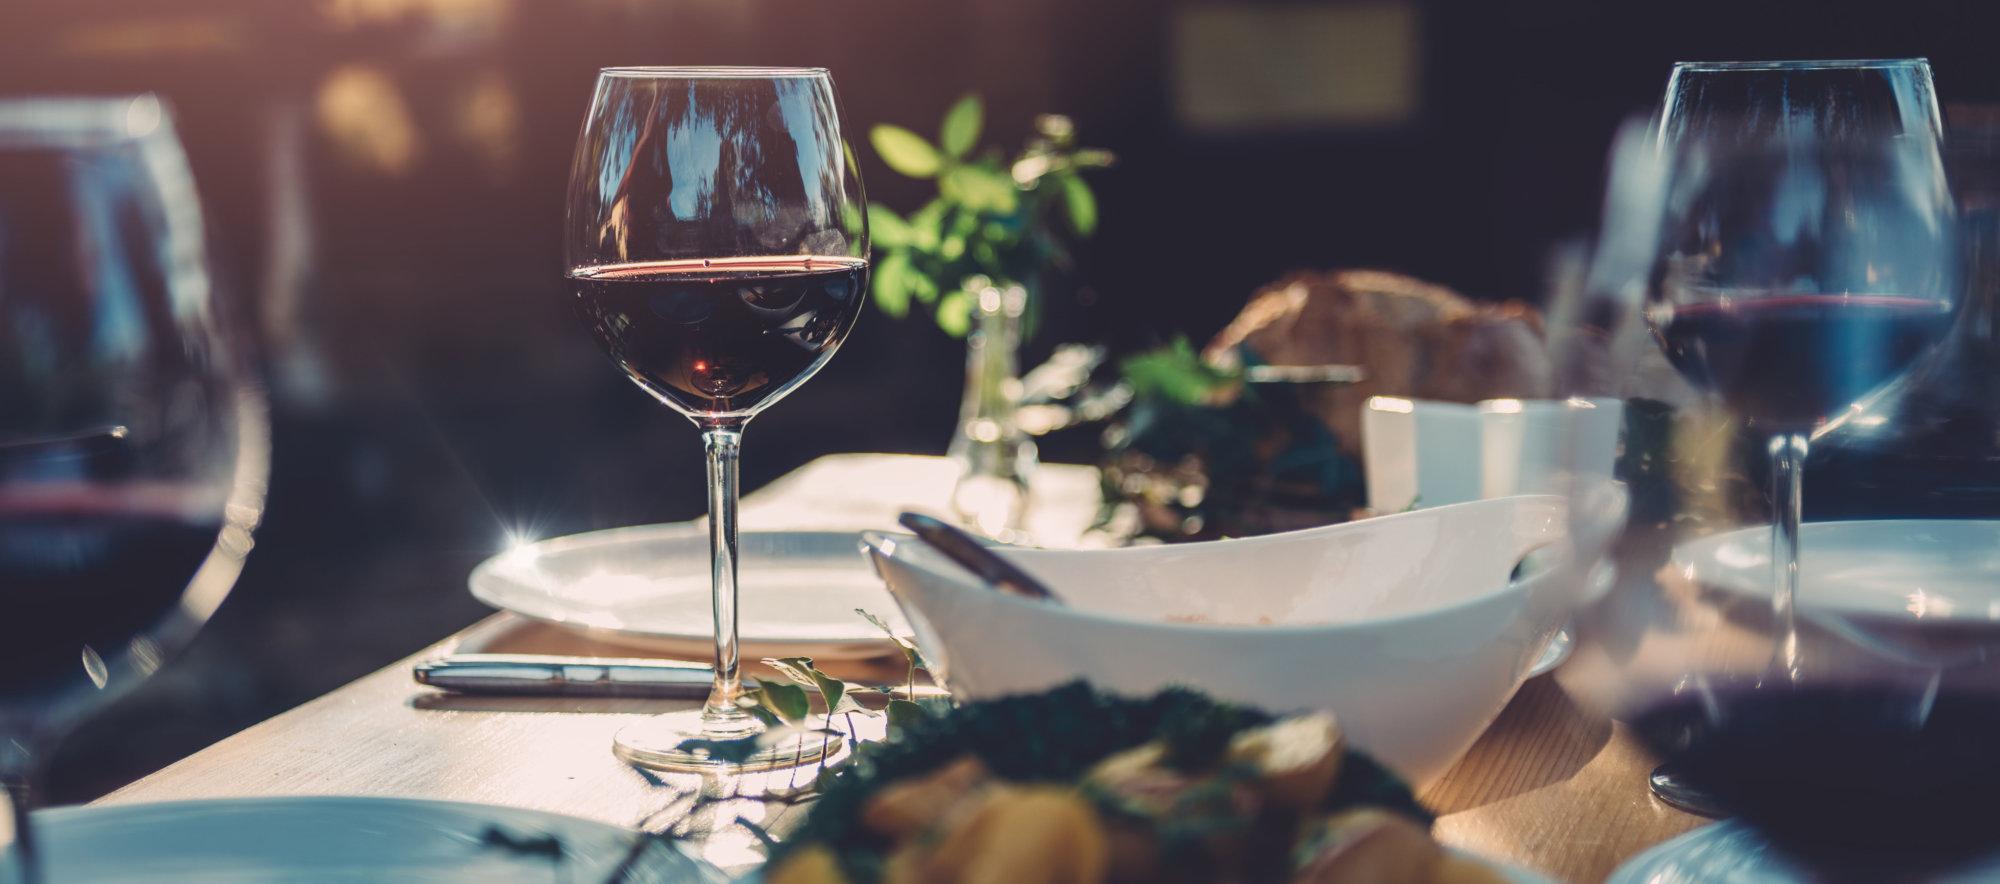 Best Wine Deals For Restaurant Week photo